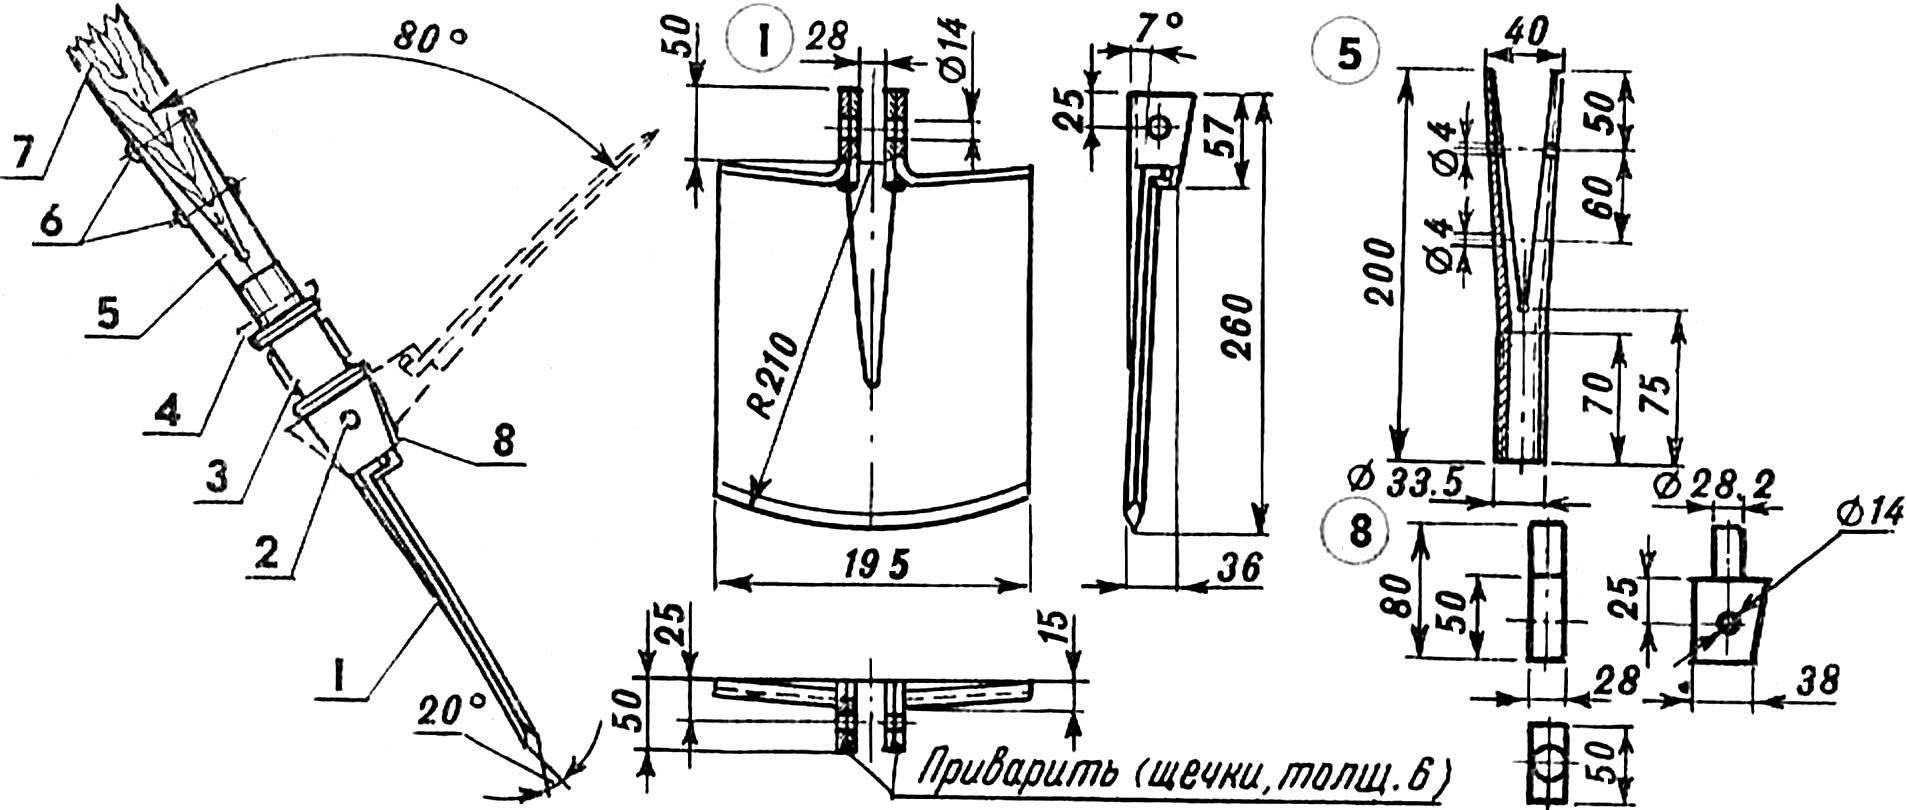 Fig. 1. Shovel-hoe.